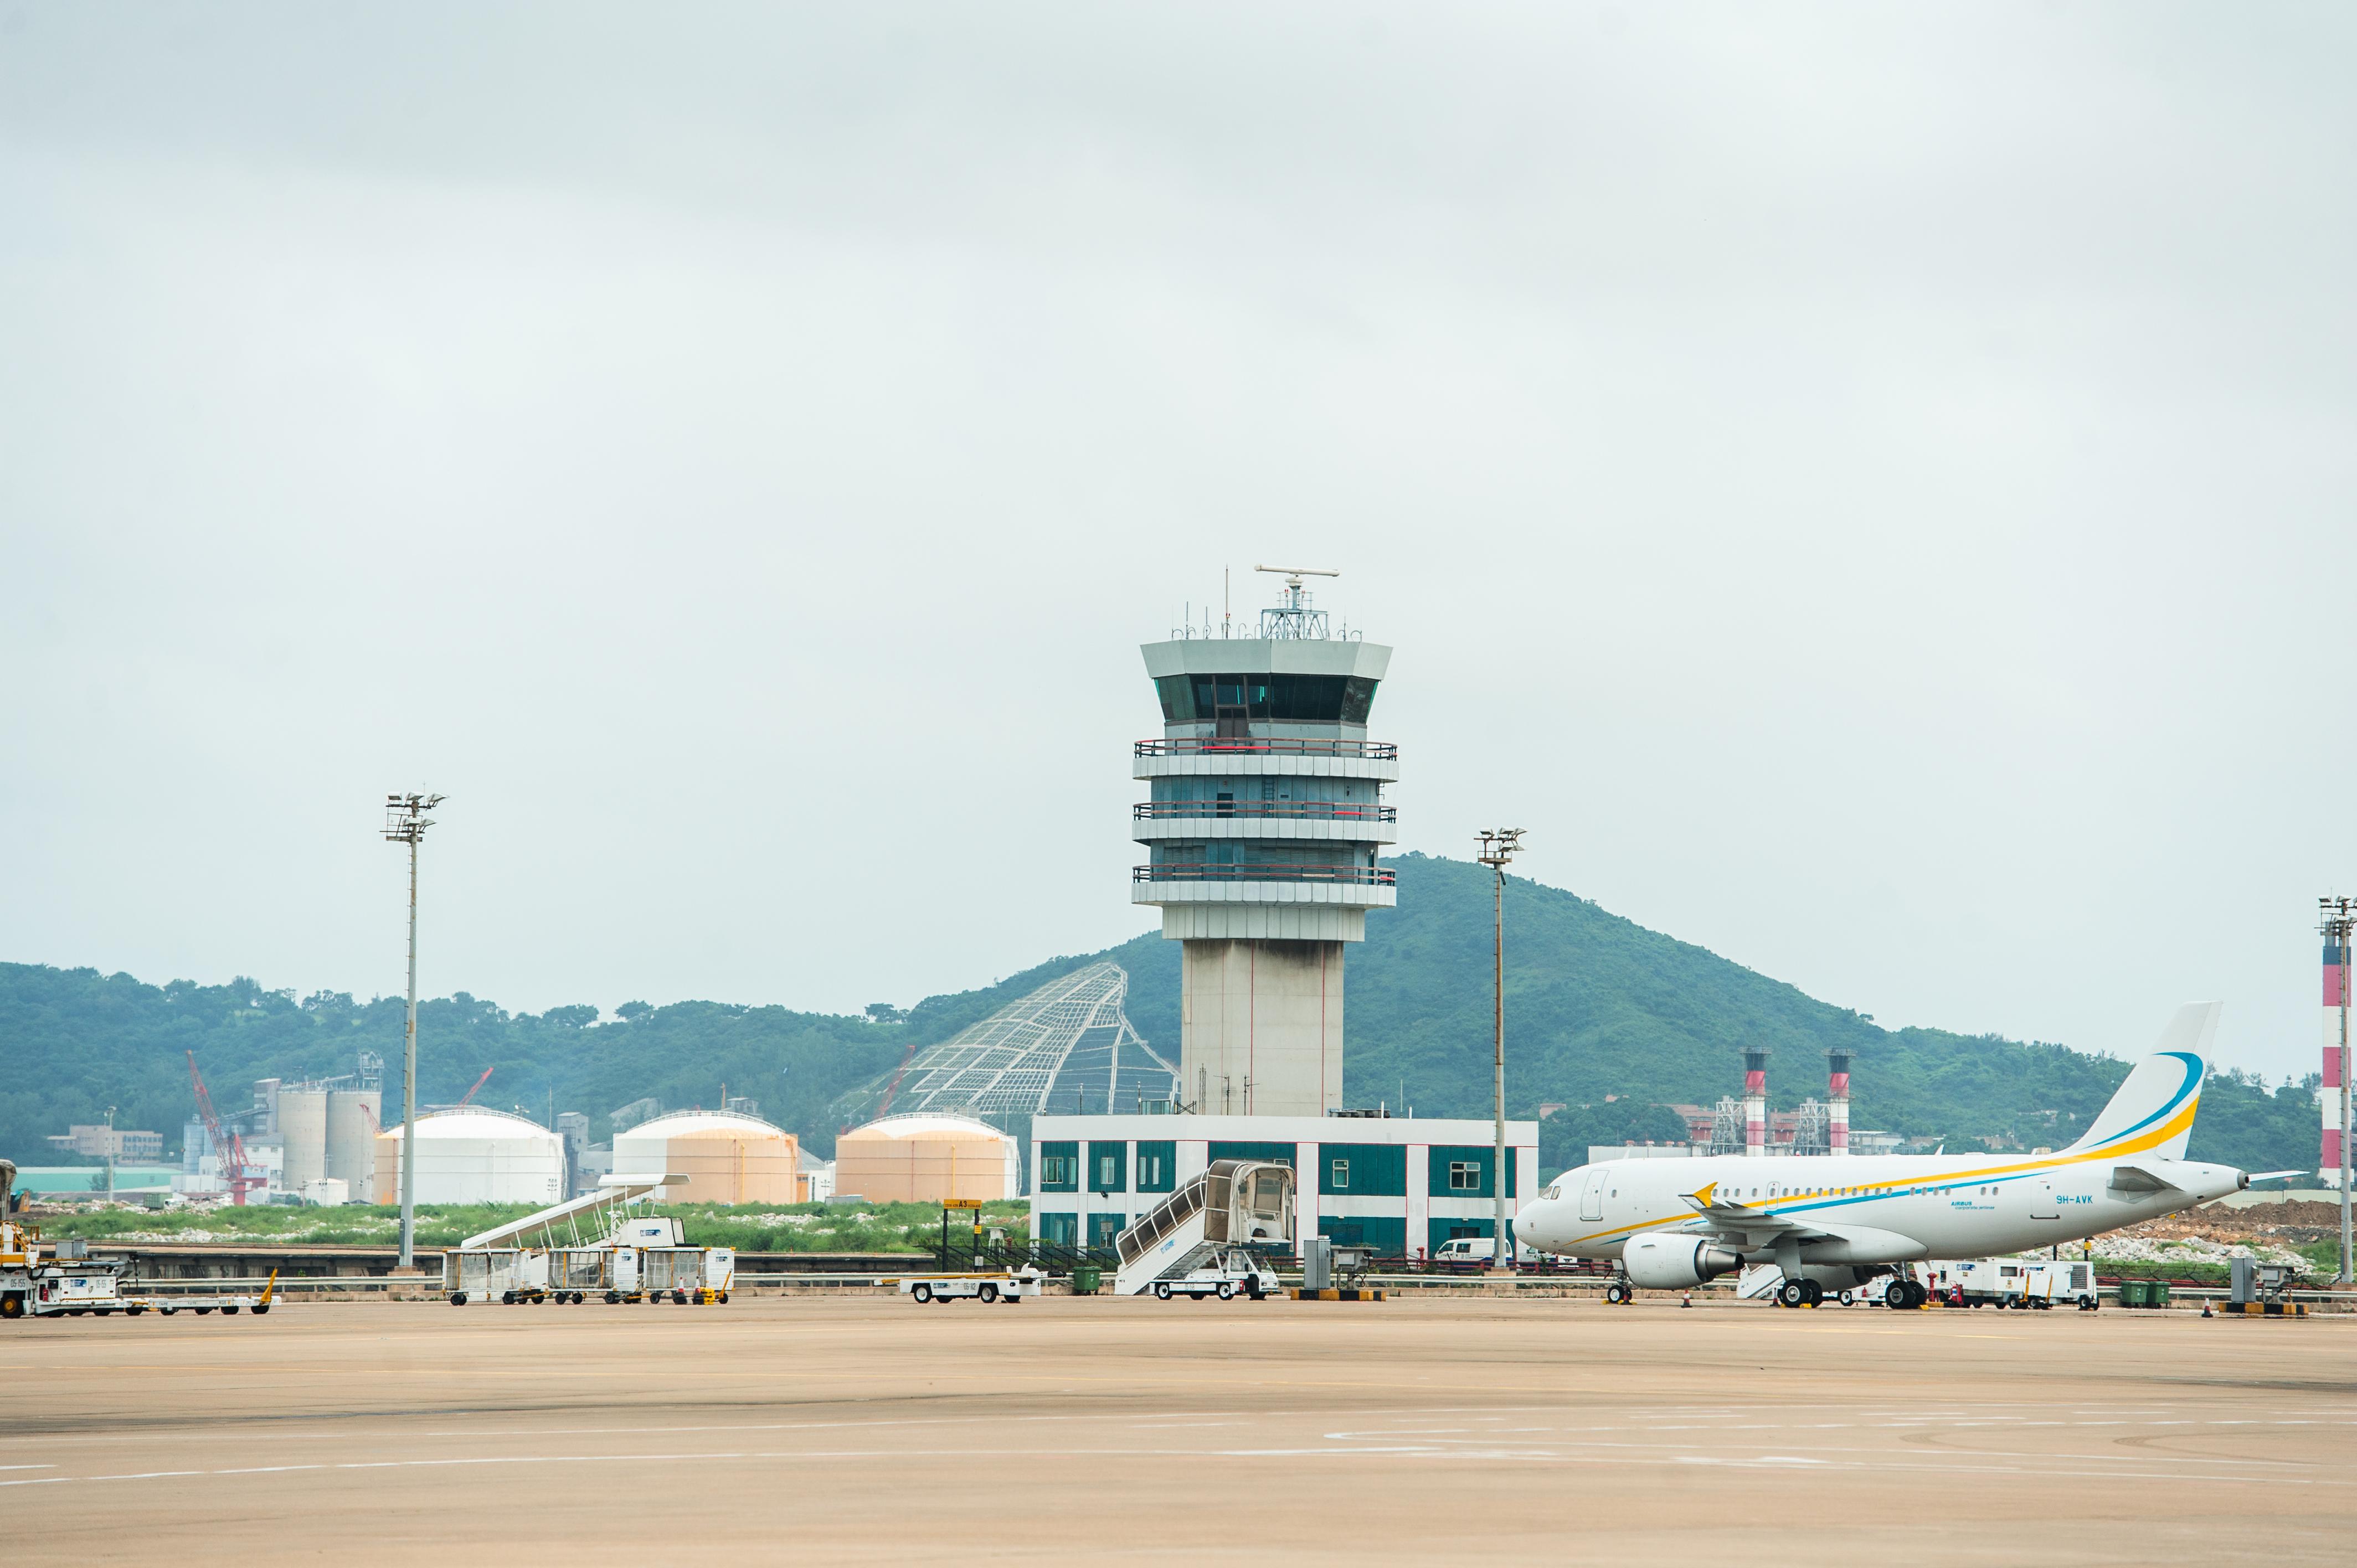 Aeroporto Internacional De Macau : Cam sociedade do aeroporto internacional de macau